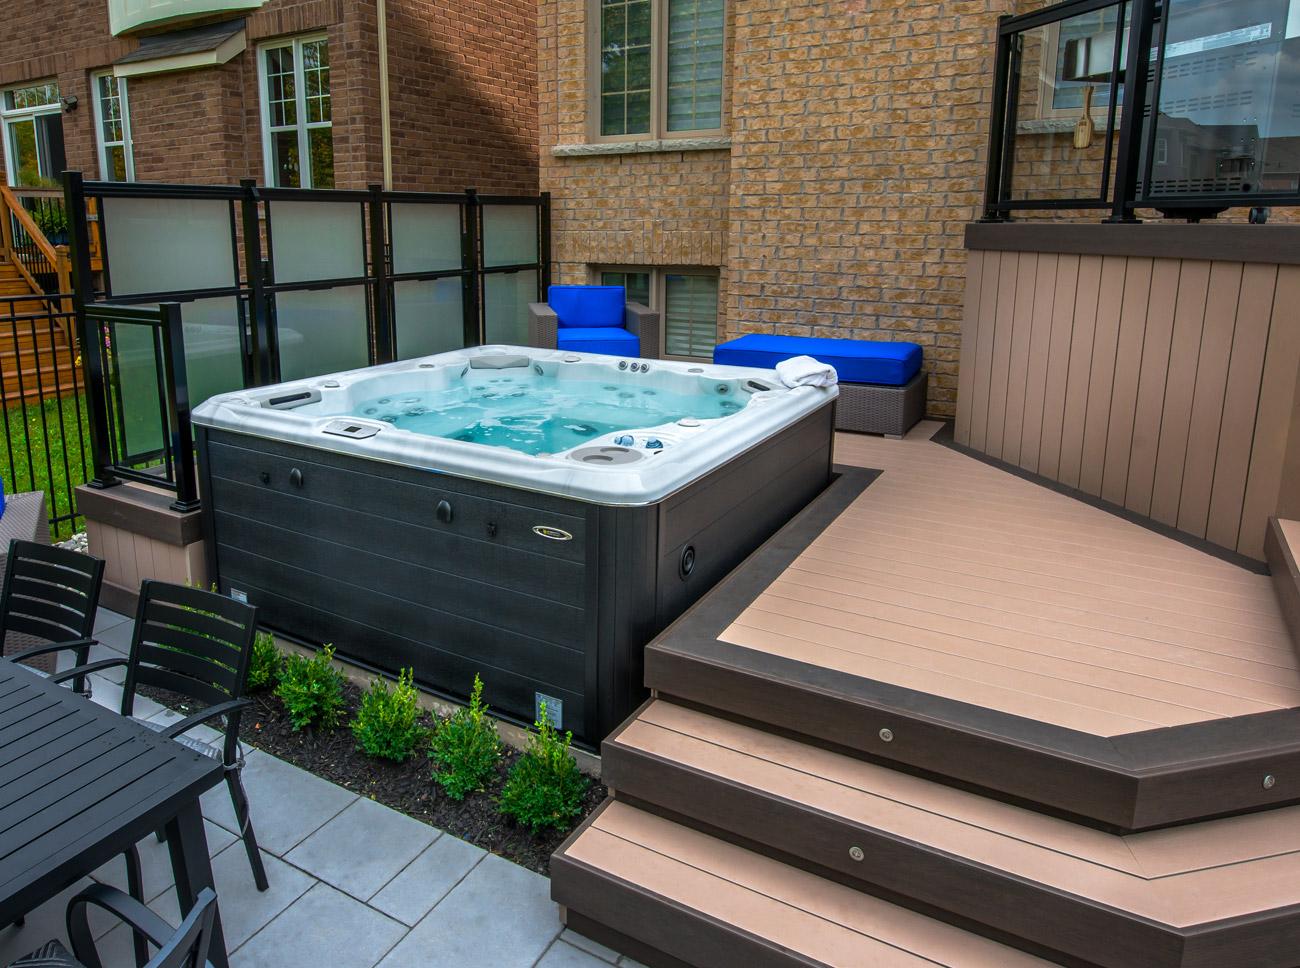 buds-hot-tub-1